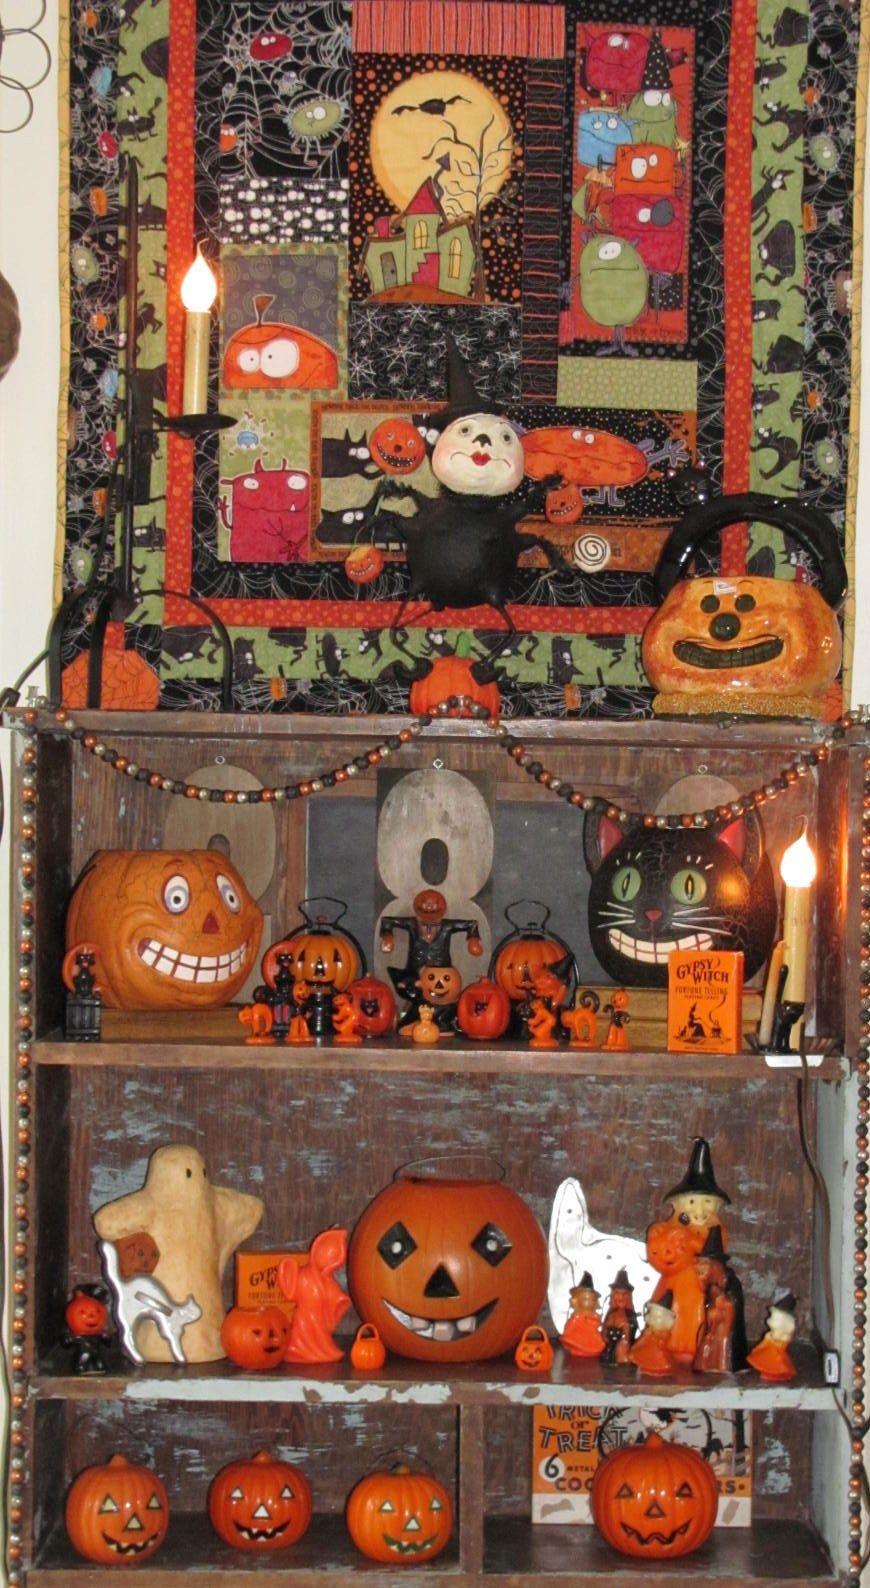 Vintage halloween display in old cupboard. We have one of